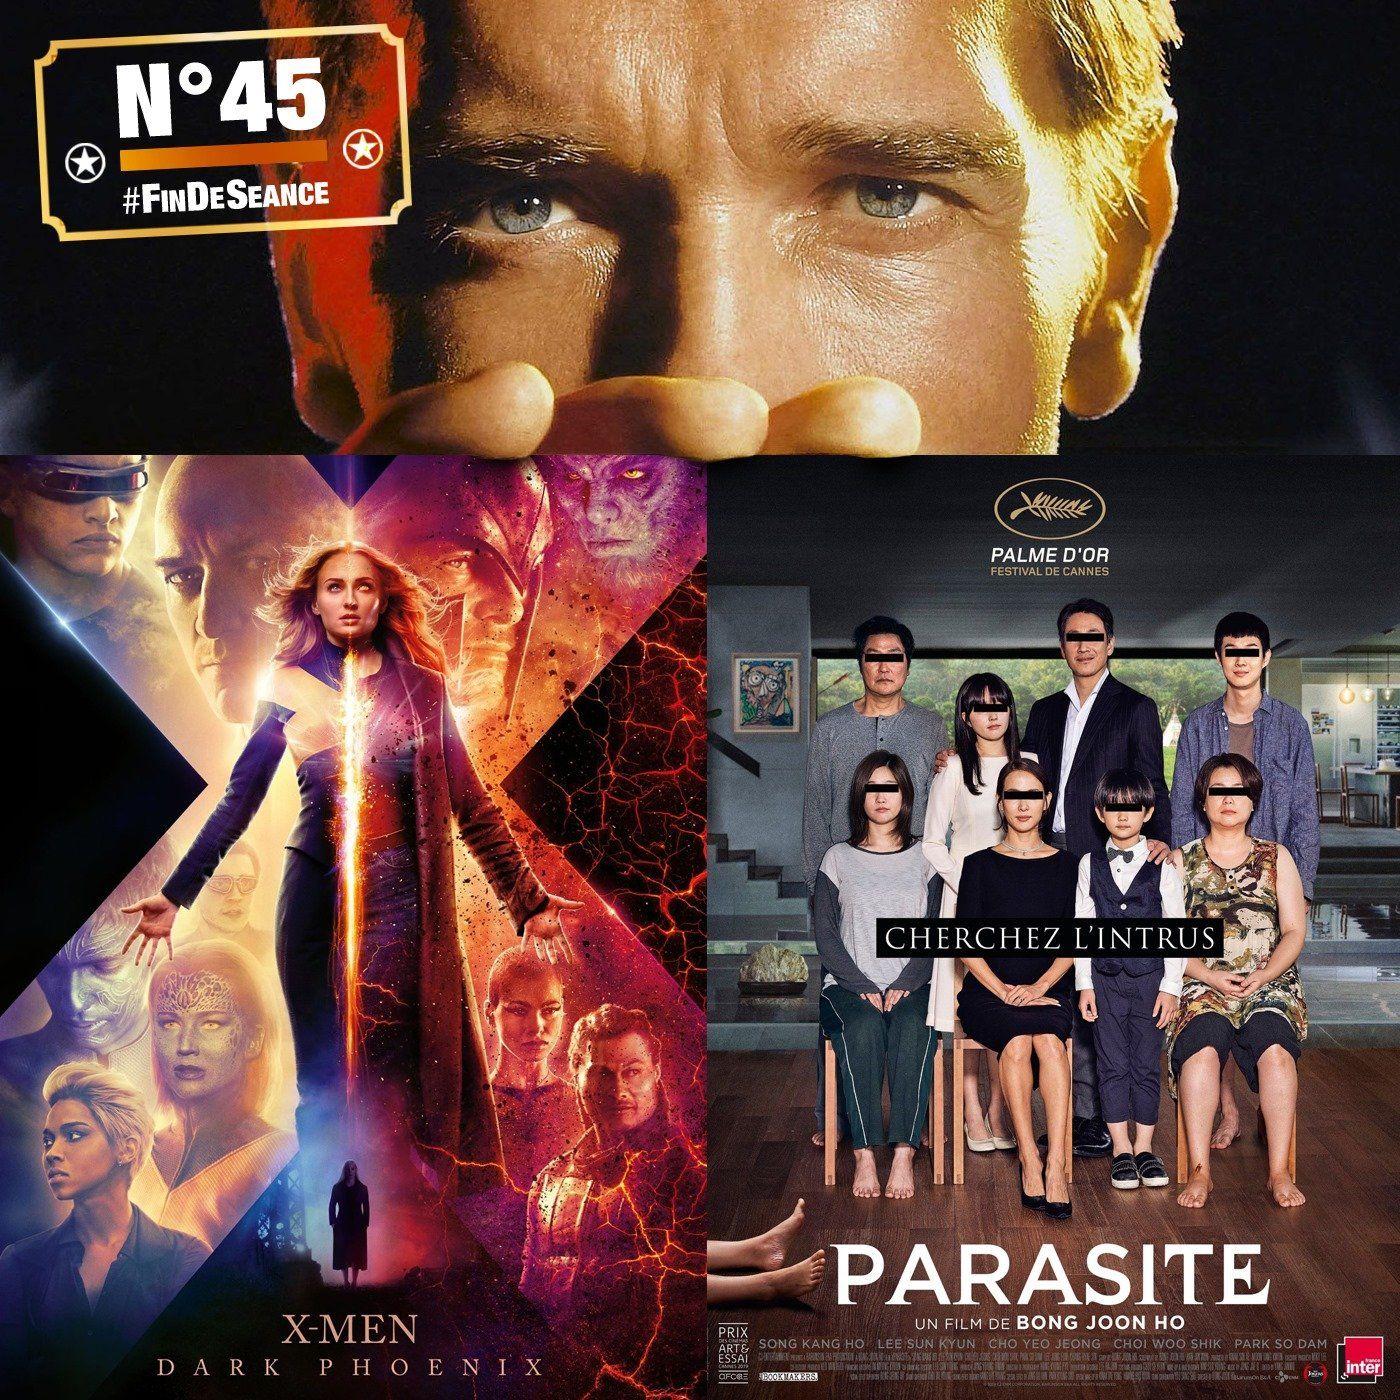 #45 X-MEN : DARK PHOENIX & PARASITE : Viens chez moi... j'habite chez une mutante !